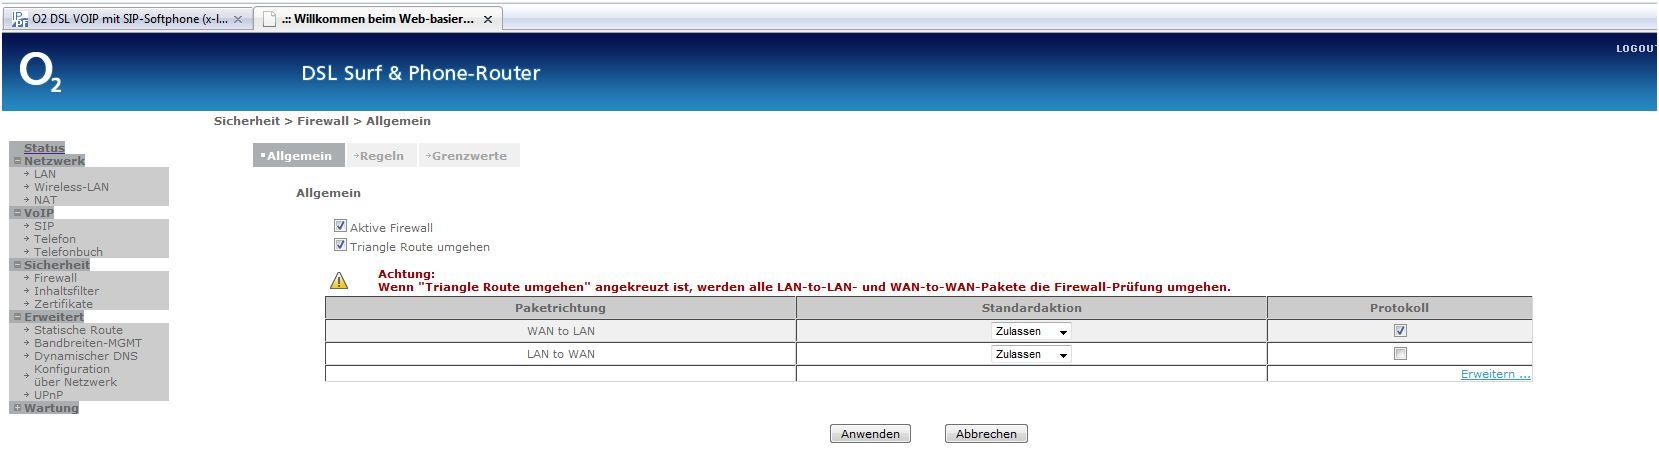 Firewall_Allgemein.JPG